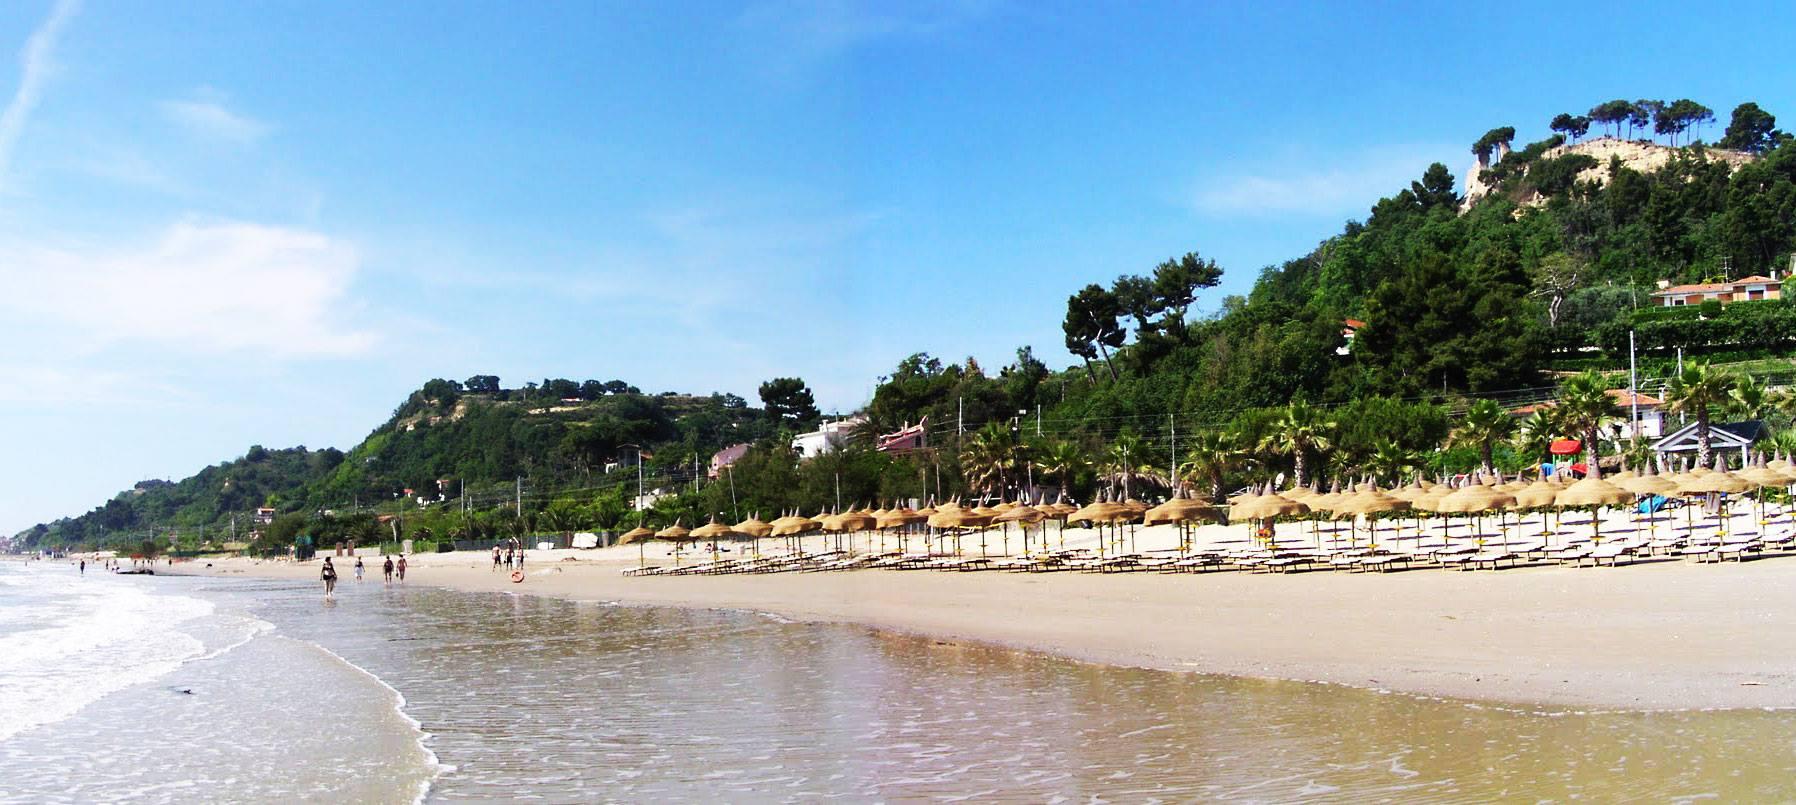 cupra marittima spiagge marchigiane